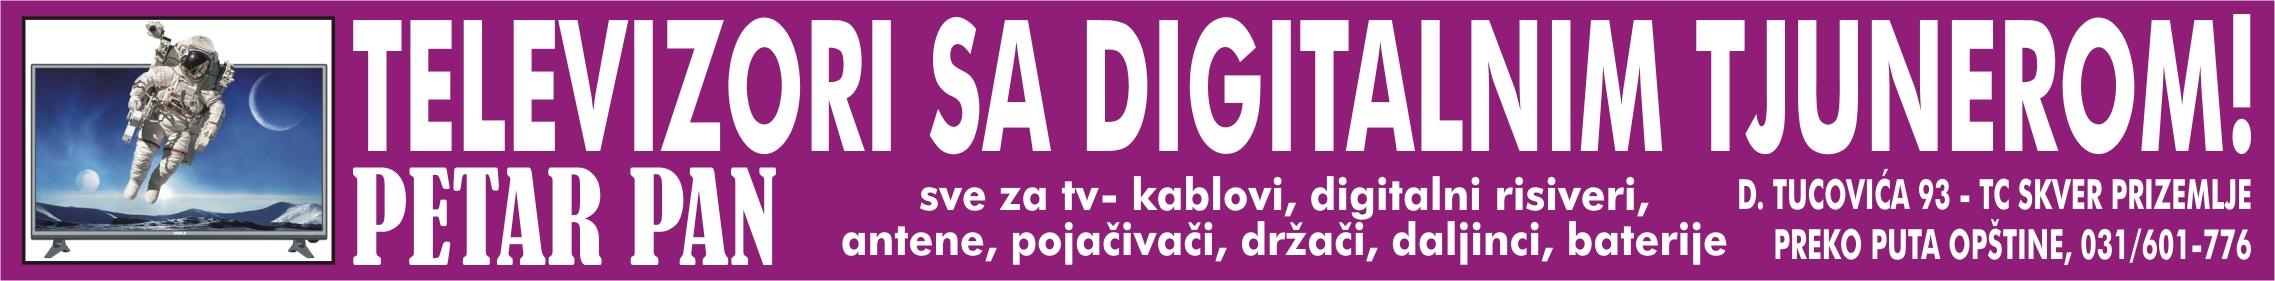 reklama televizori